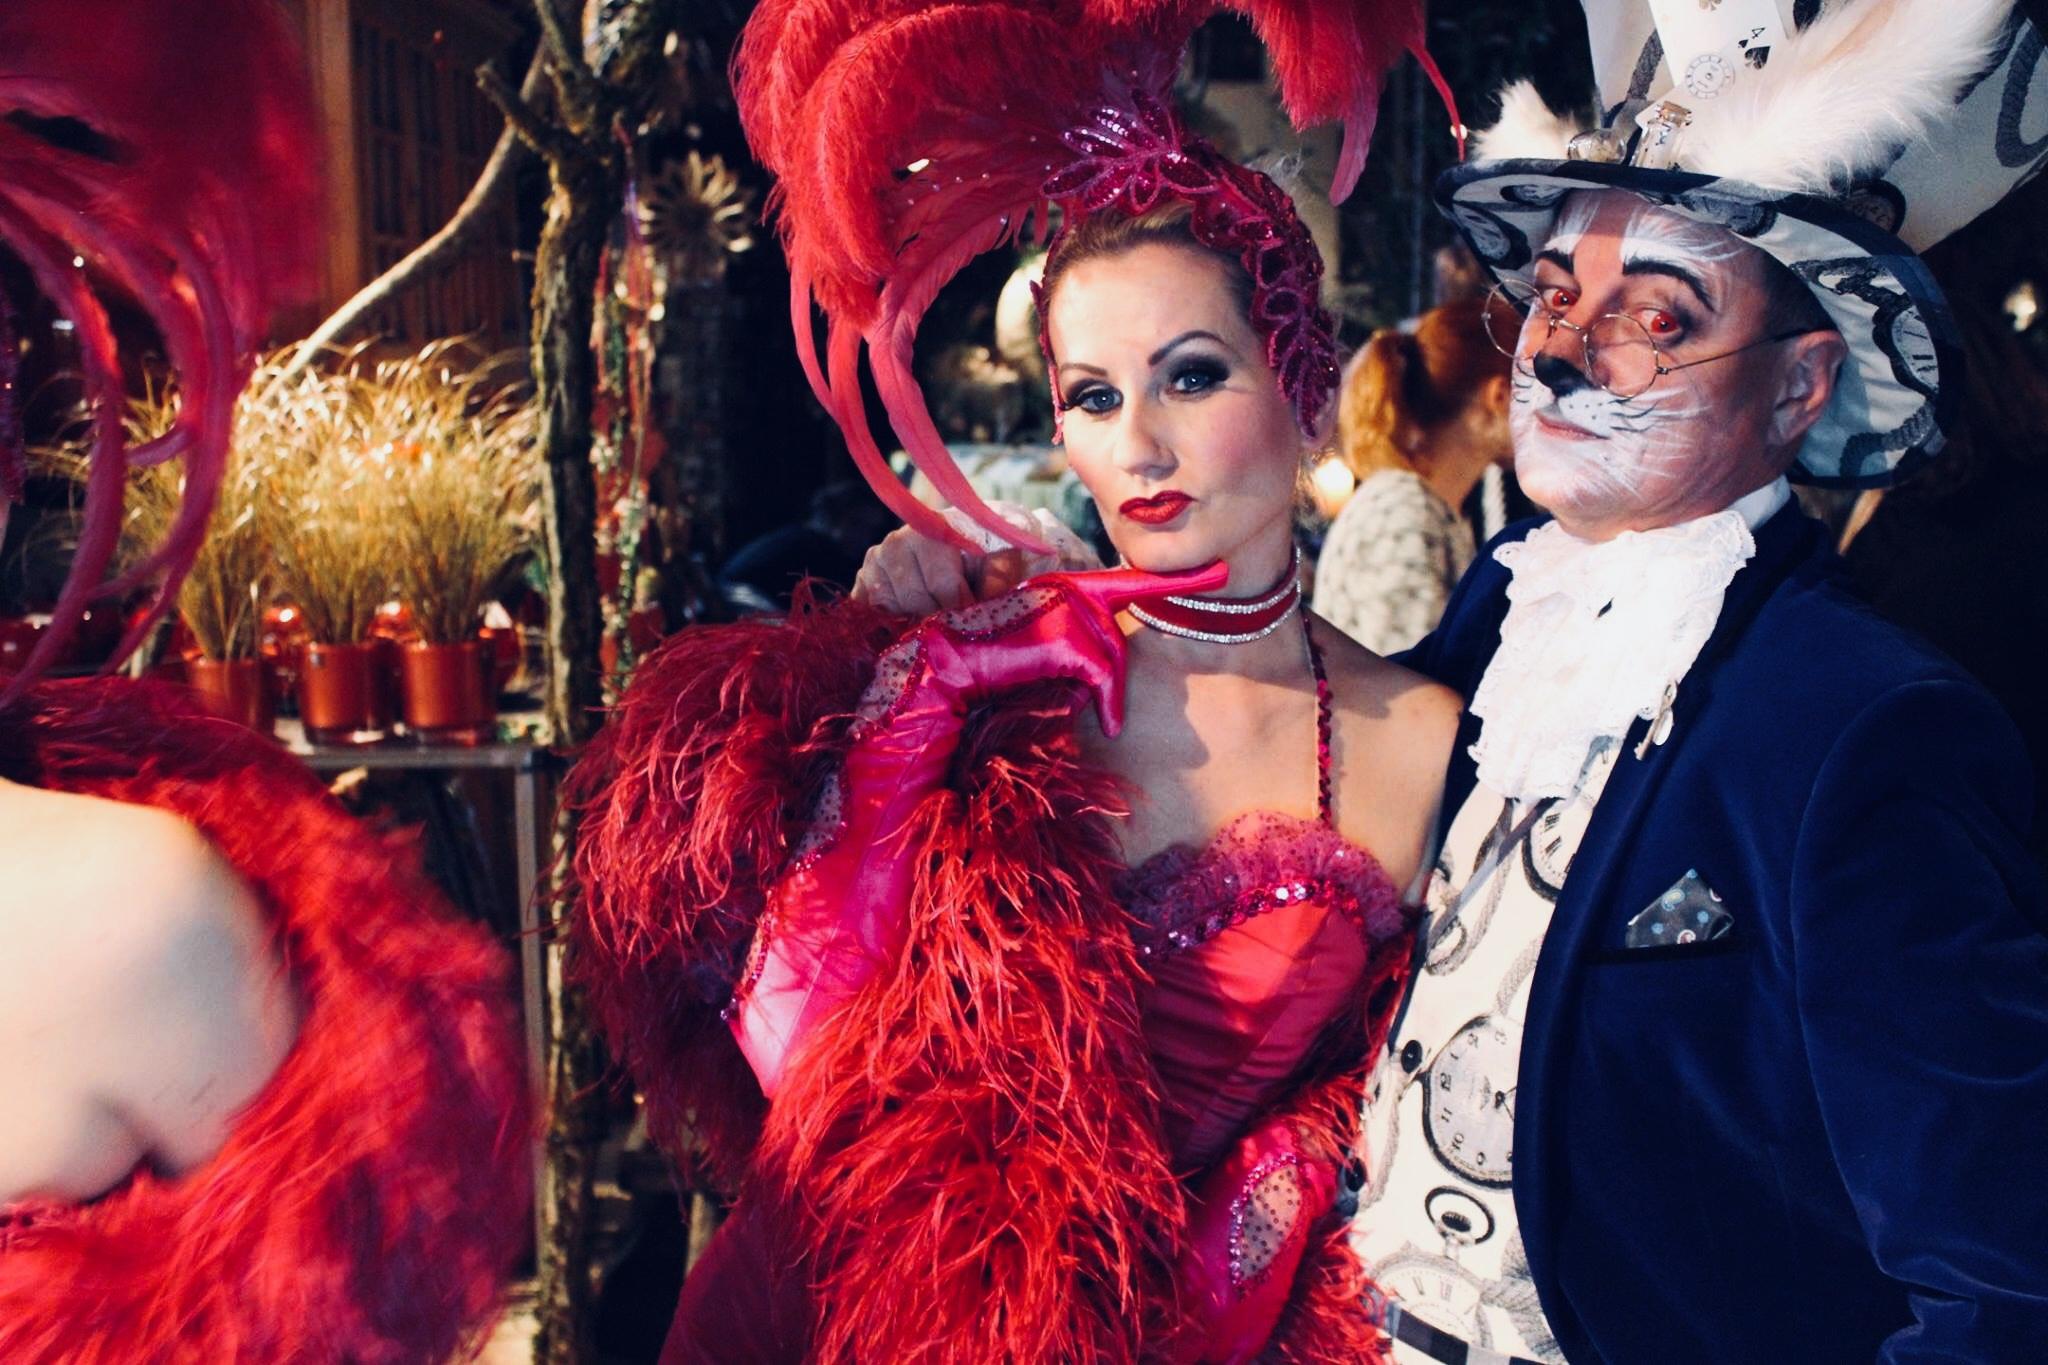 Blonde Bombshell Burlesque Tänzer München. Buchen Sie eine Burlesque Show oder Walkact für Ihre Veranstaltung